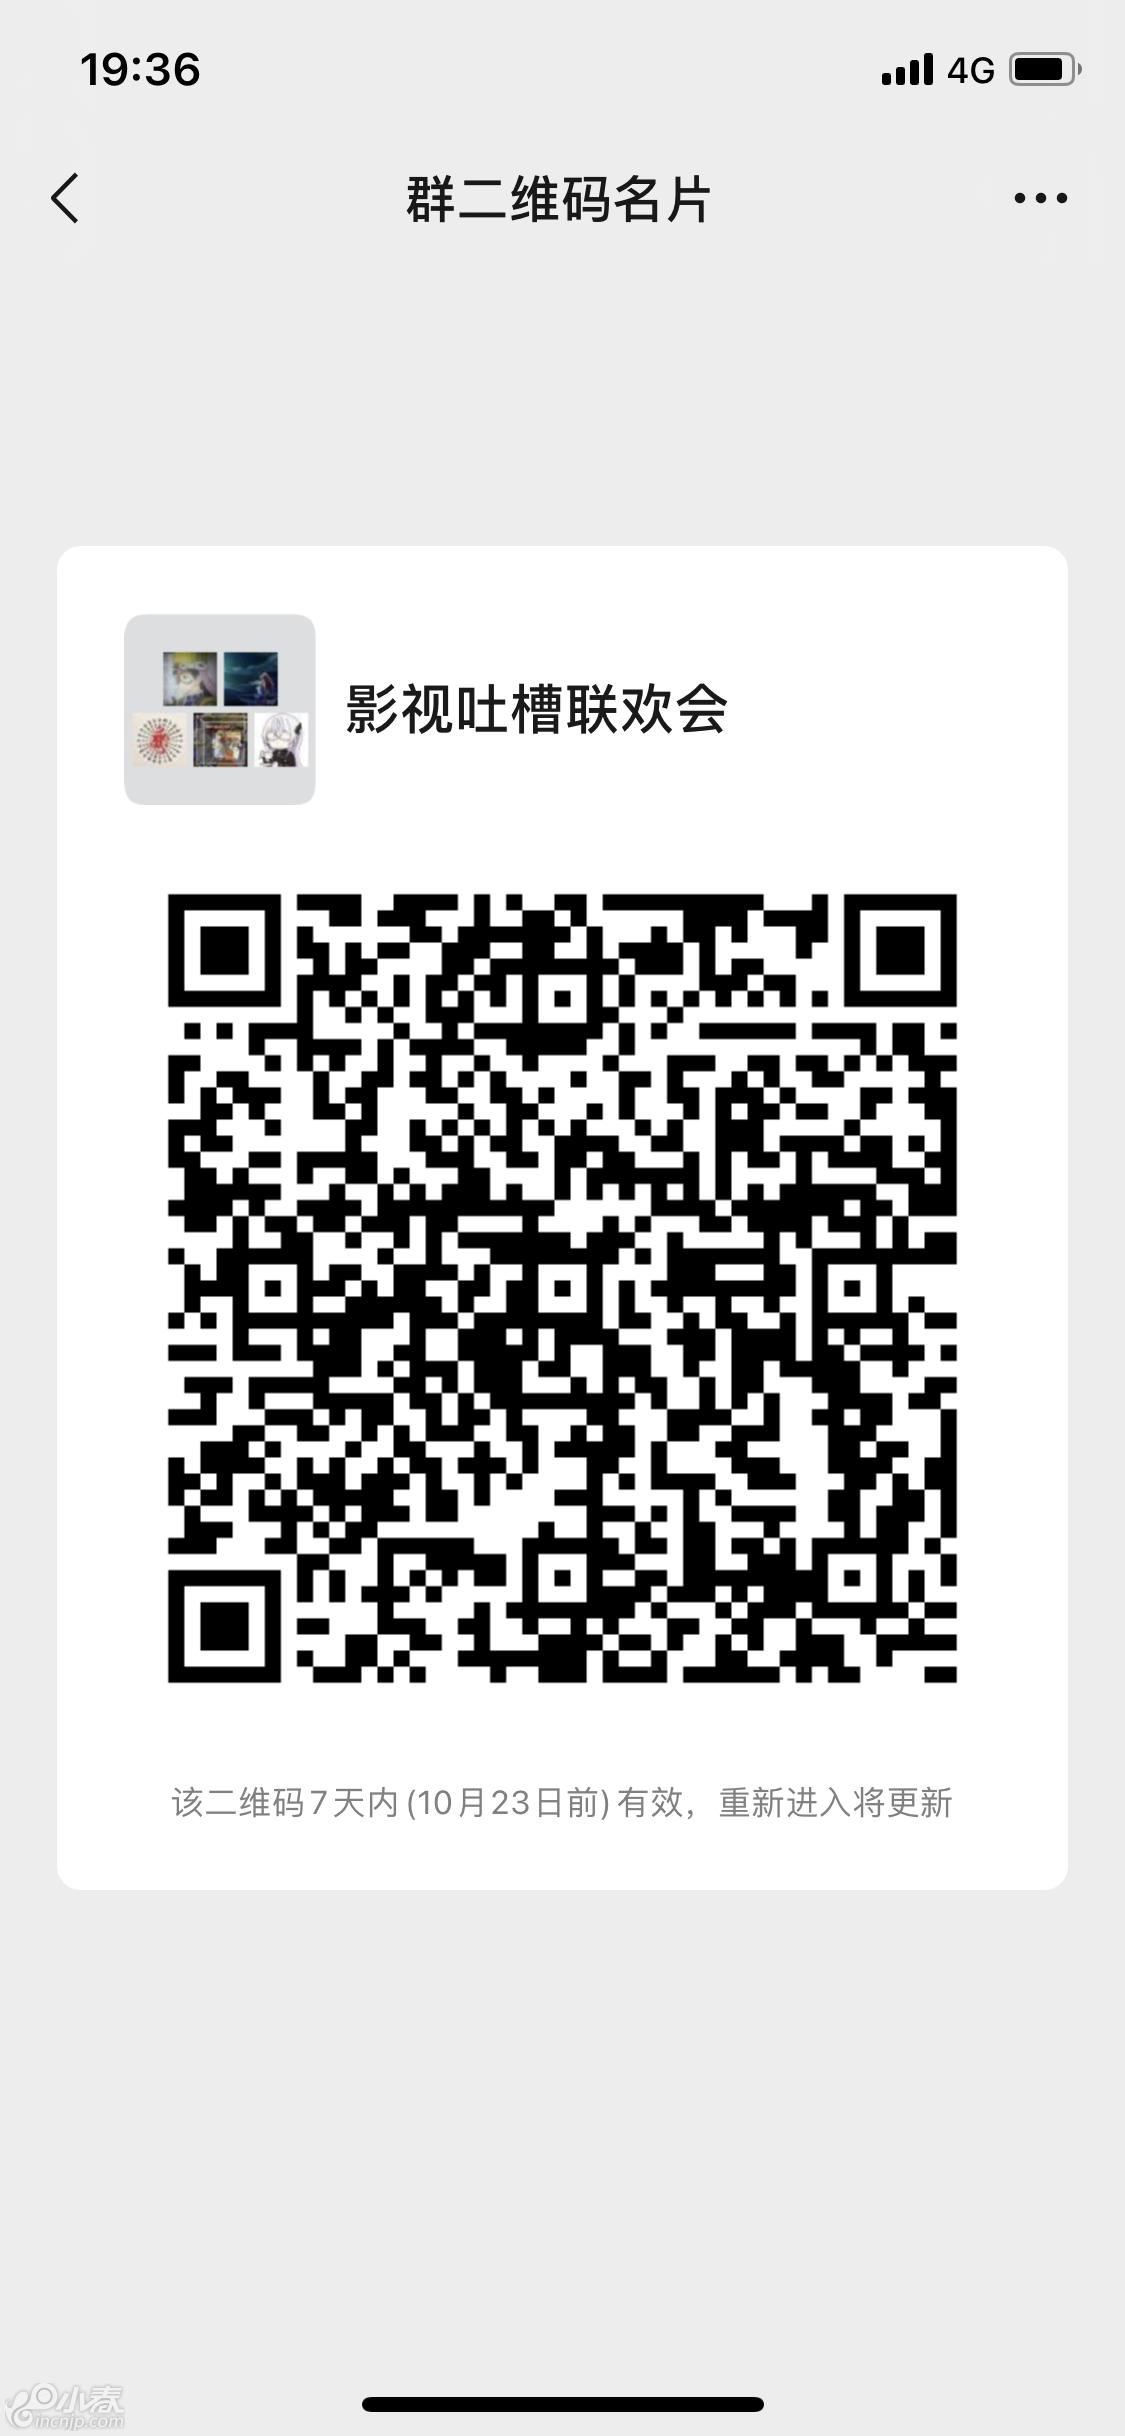 FC613B28-0218-4F4A-8DFE-84FD49FF0EDF.png